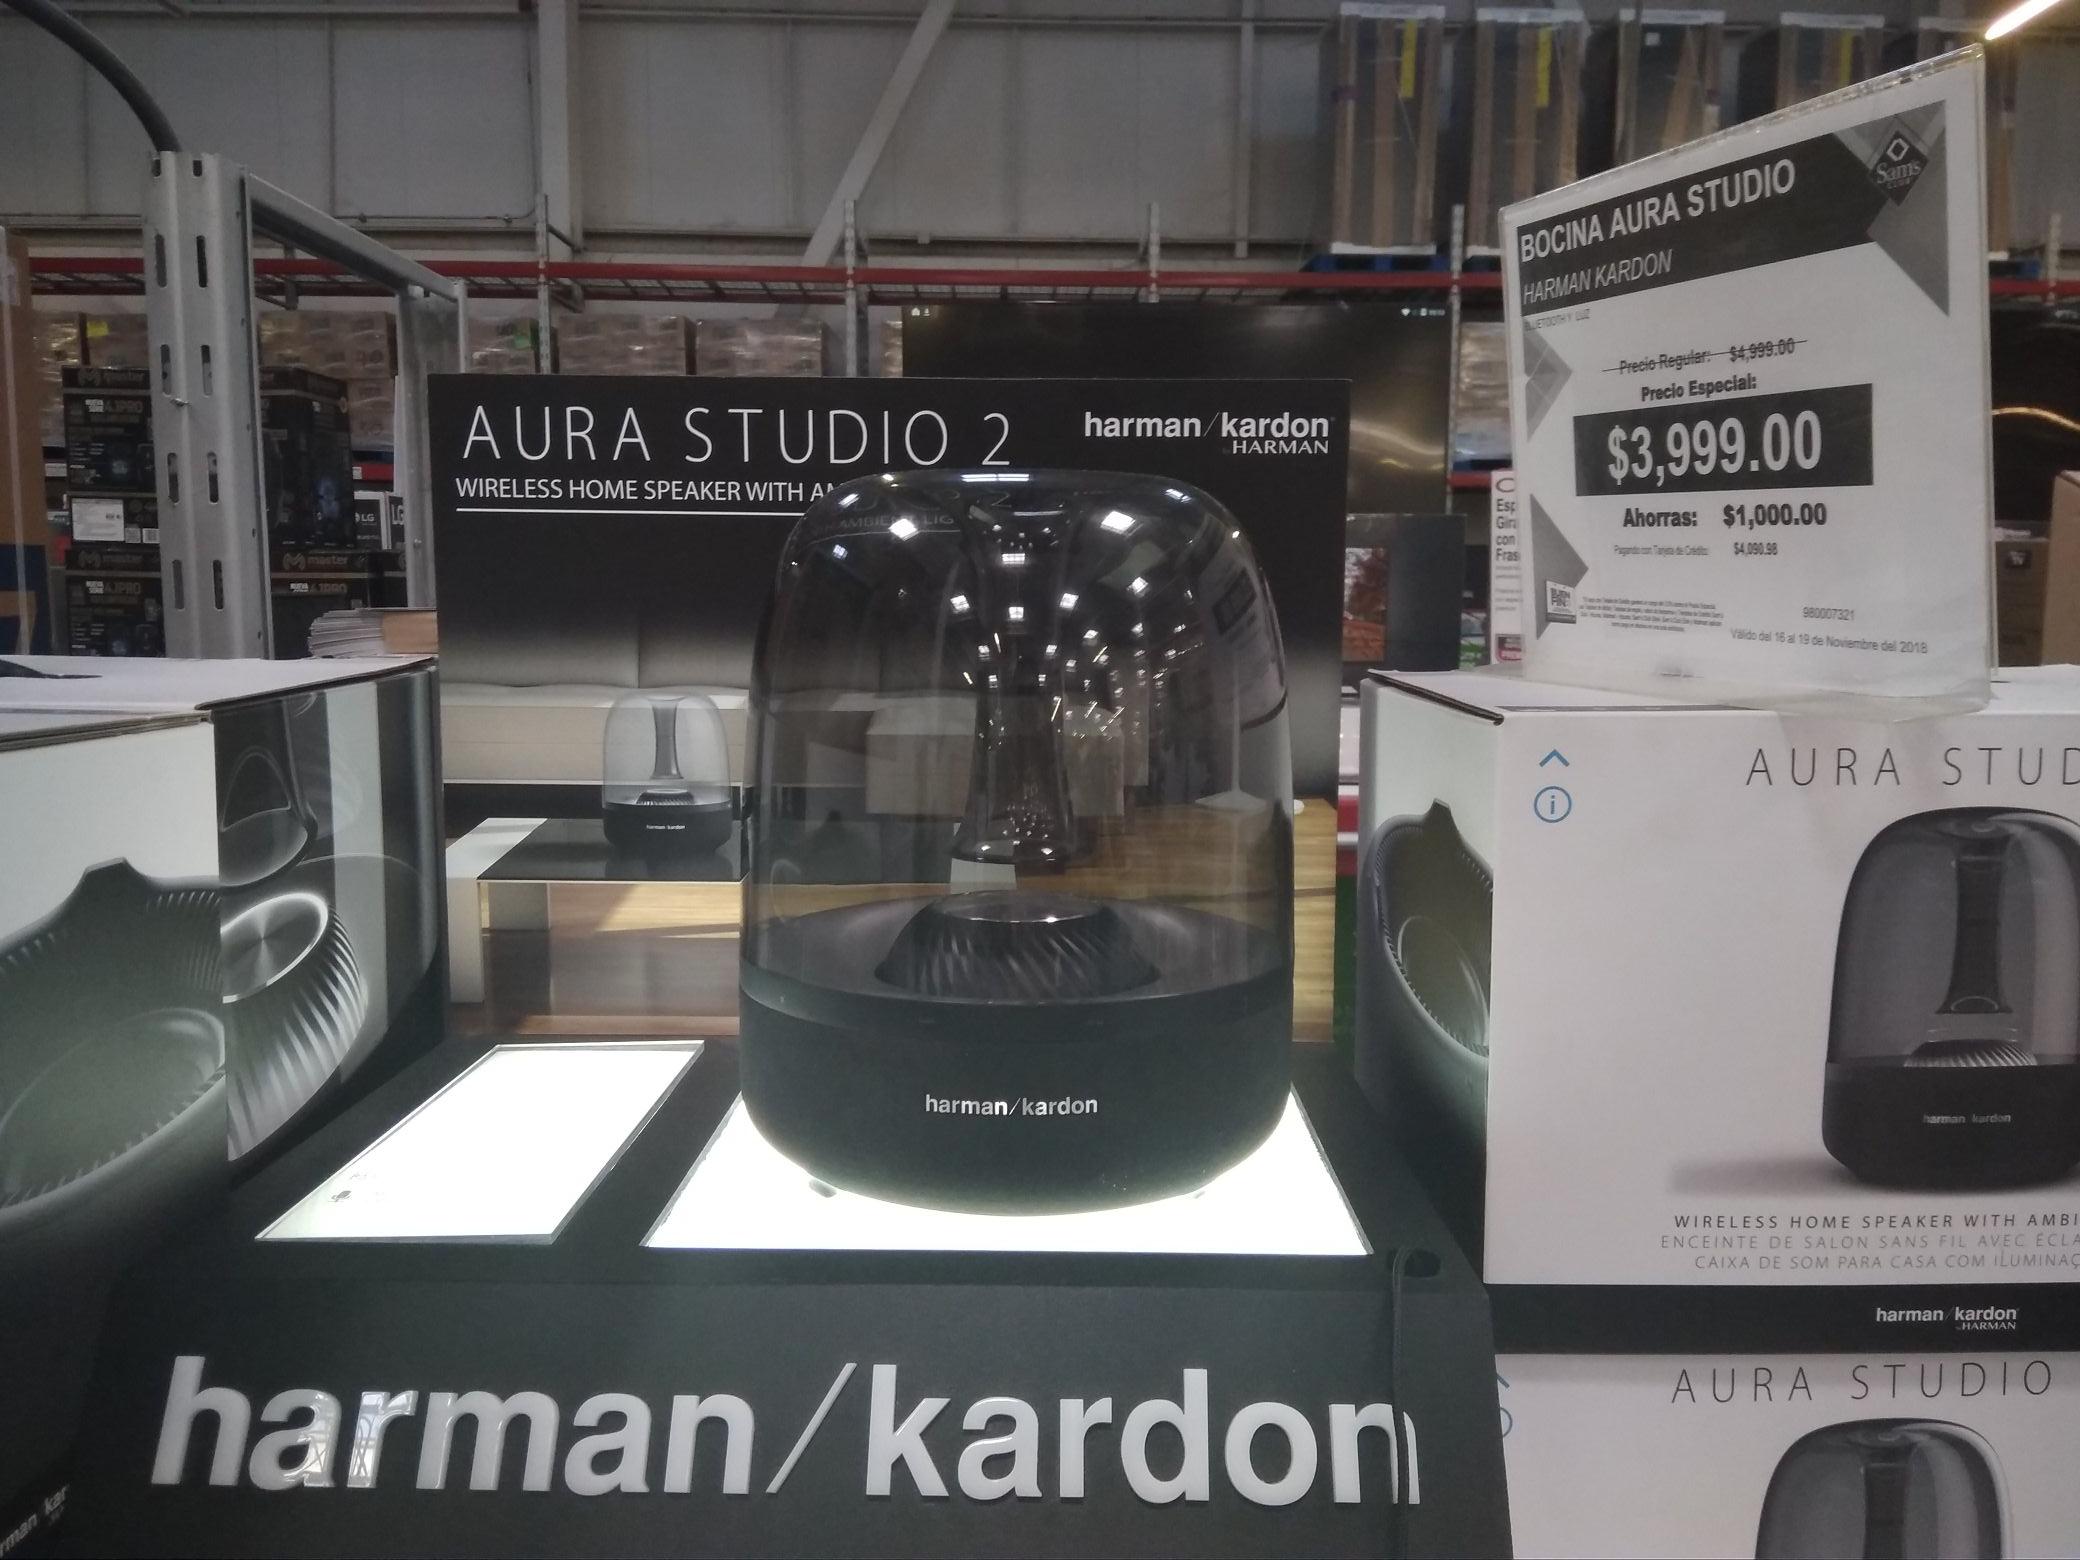 Buen Fin 2018 en Sam's Club: Harman Kardon Aura Studio 2 BANCOMER (4 meses bonifican) y TARJETAS PARTICIPANTES (3 meses bonifican) 18 MSI